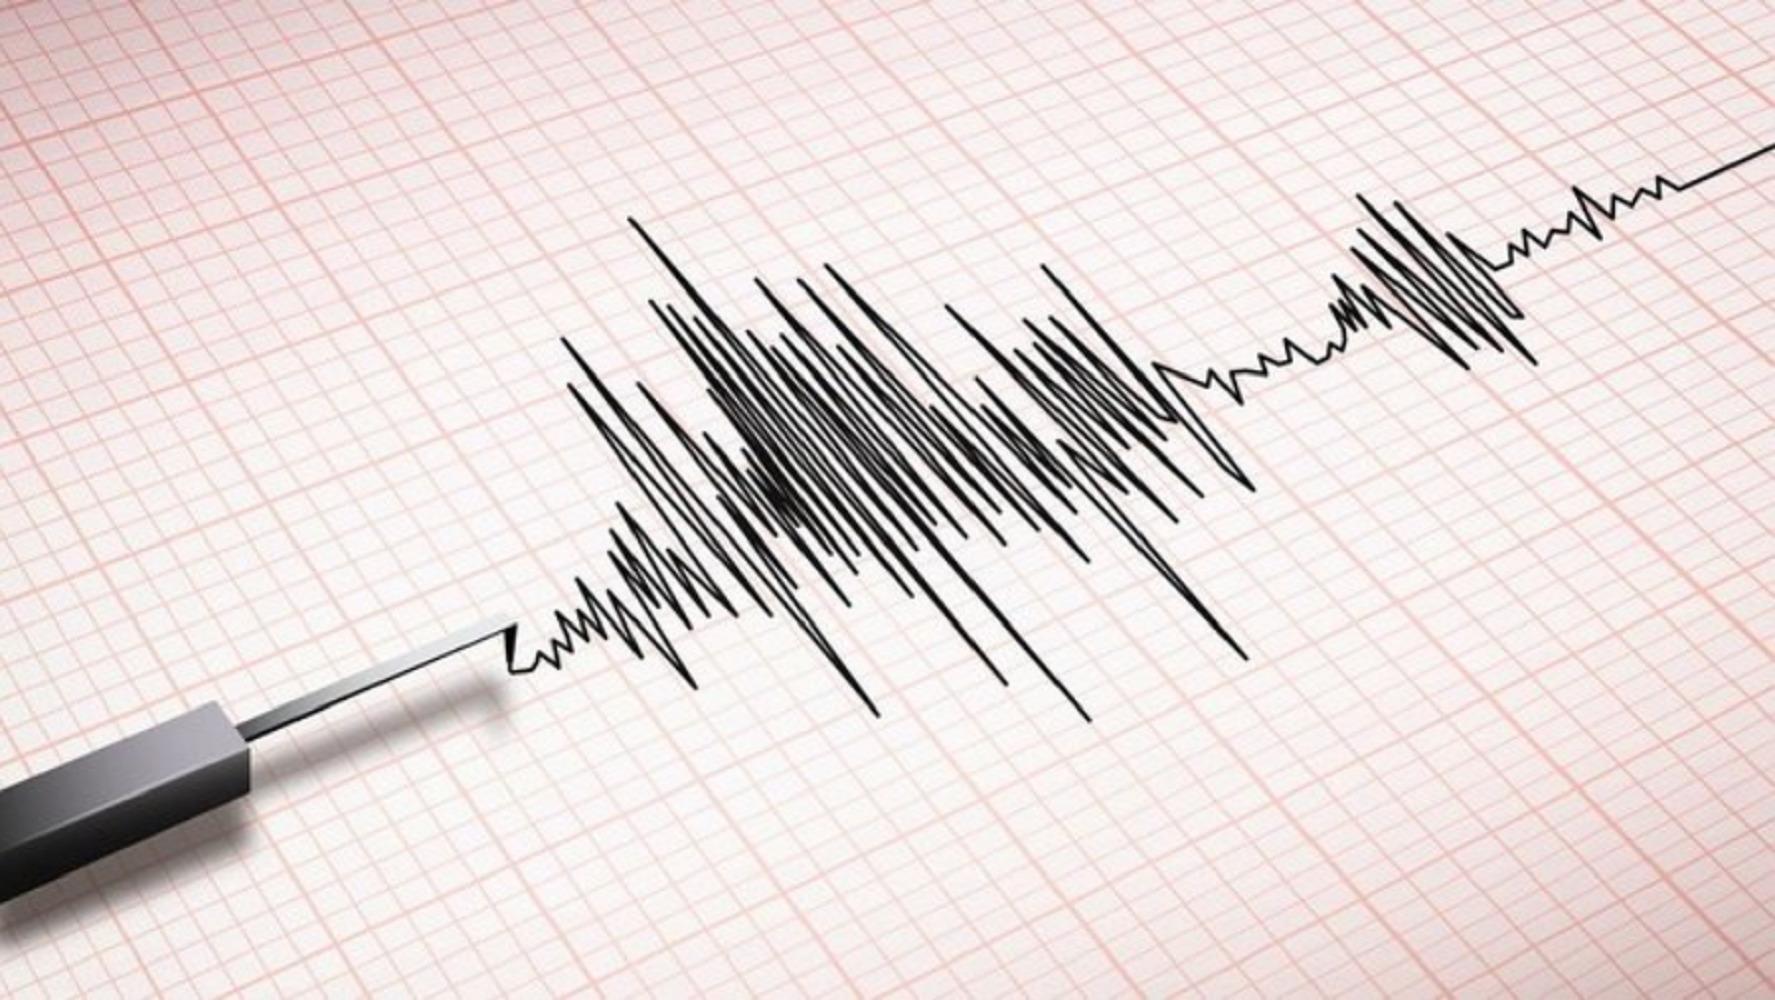 Gempa Bumi Banda Aceh Dan Lhokseumawe Berkekuatan 5 3mag Klik Koran